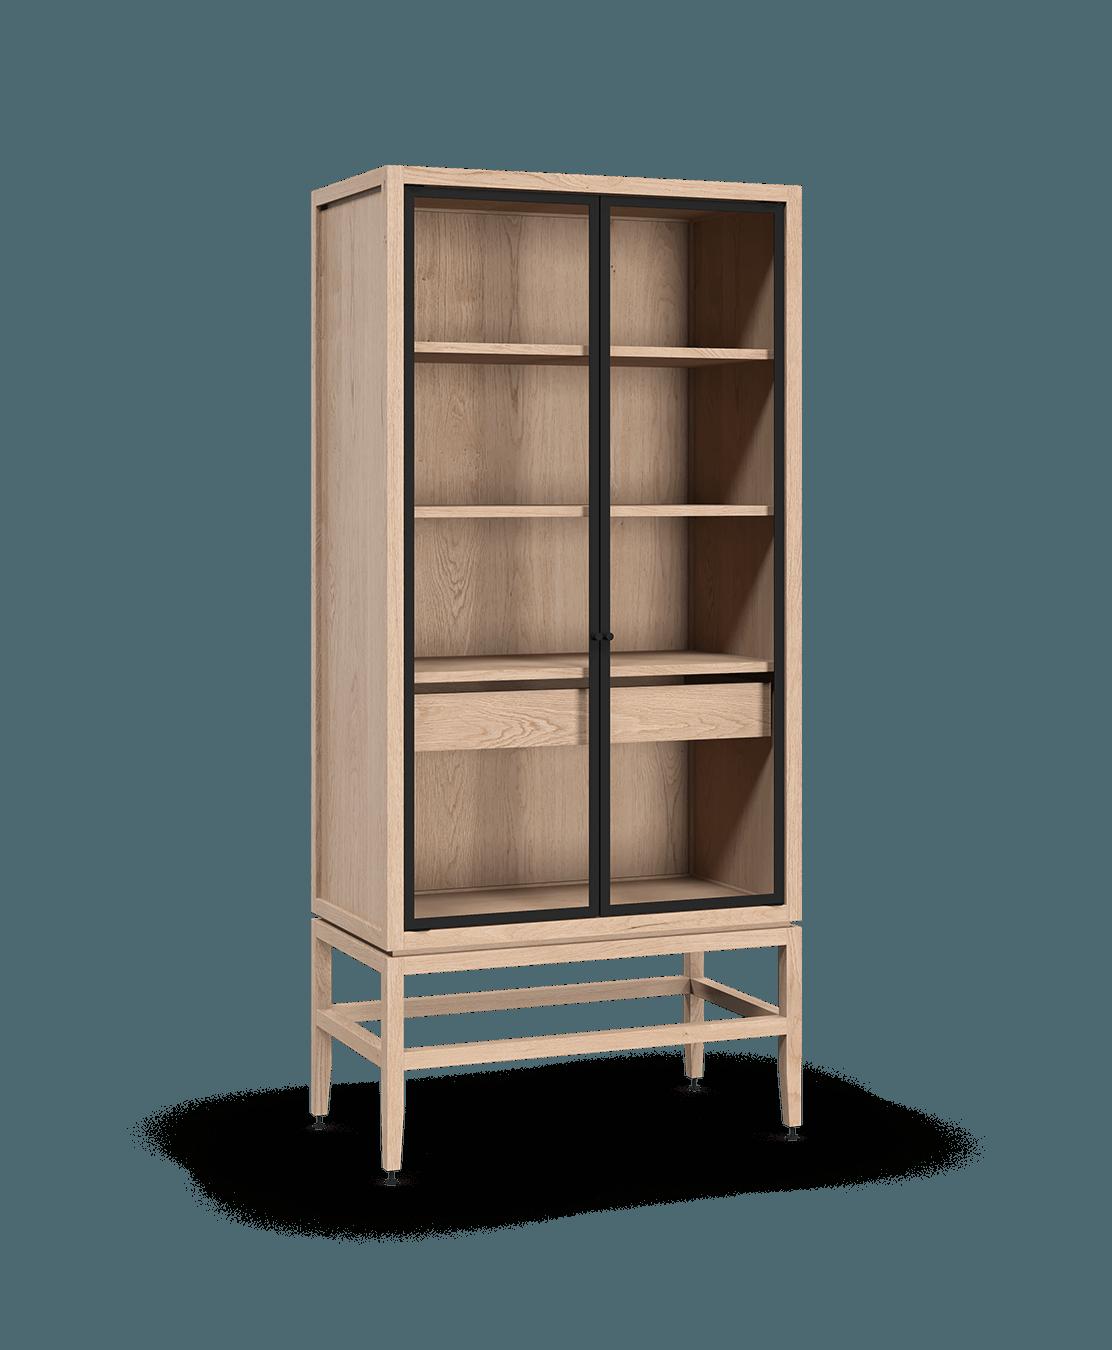 armoire vaisselier vitré modulaire de rangement en bois massif coquo volitare avec 2 portes verre chêne blanc 33 pouces C2-D-3318-1202-NA